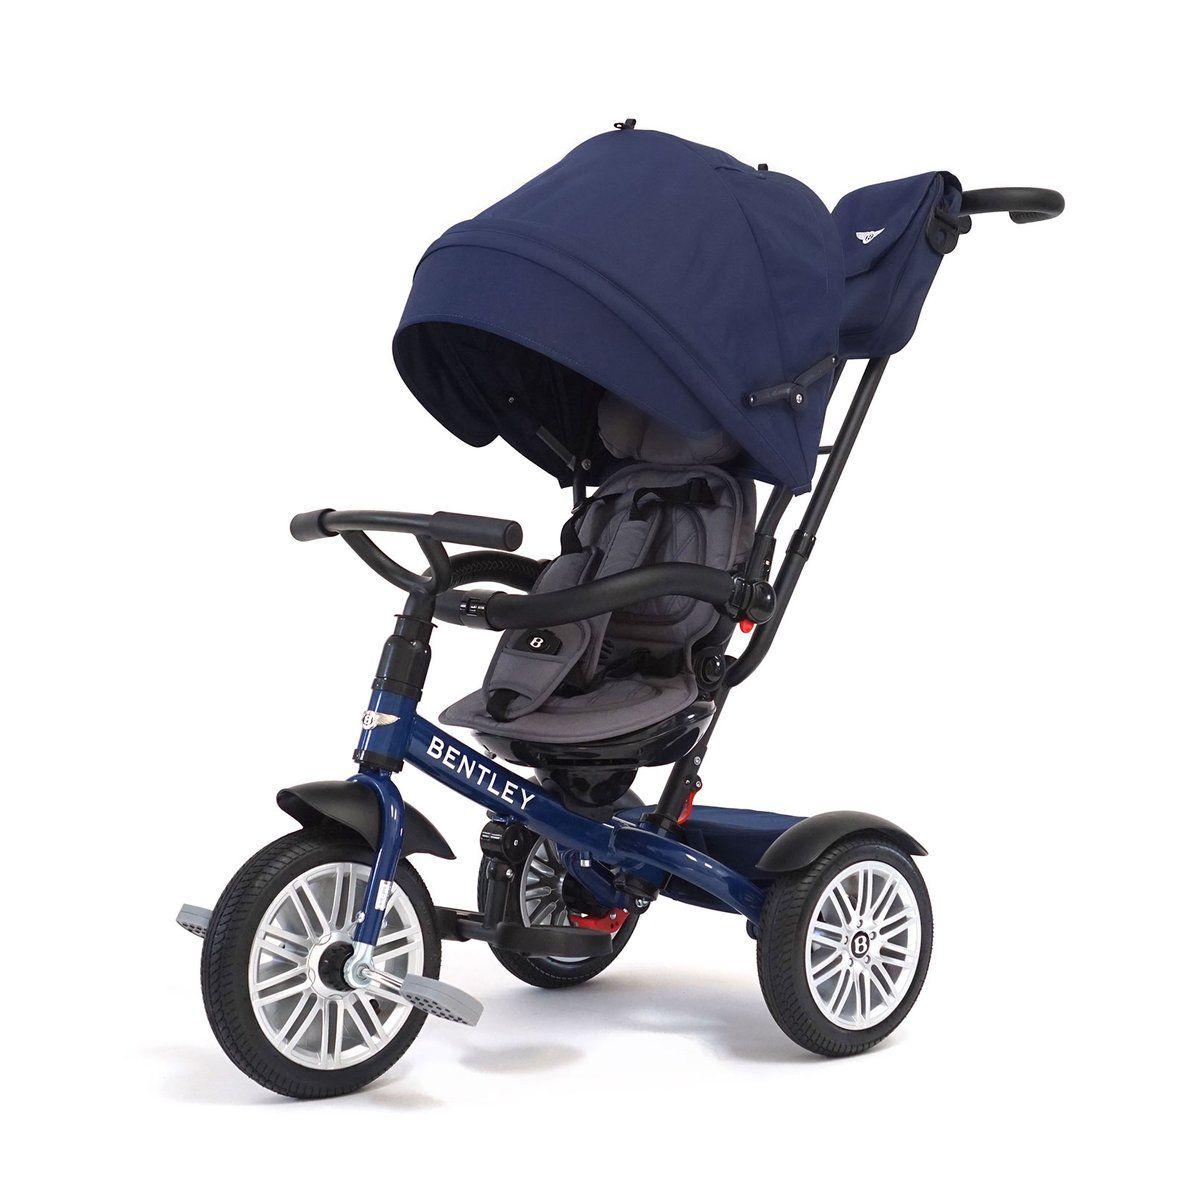 Sequin Blue Bentley 6 in 1 Stroller Trike Kids trike